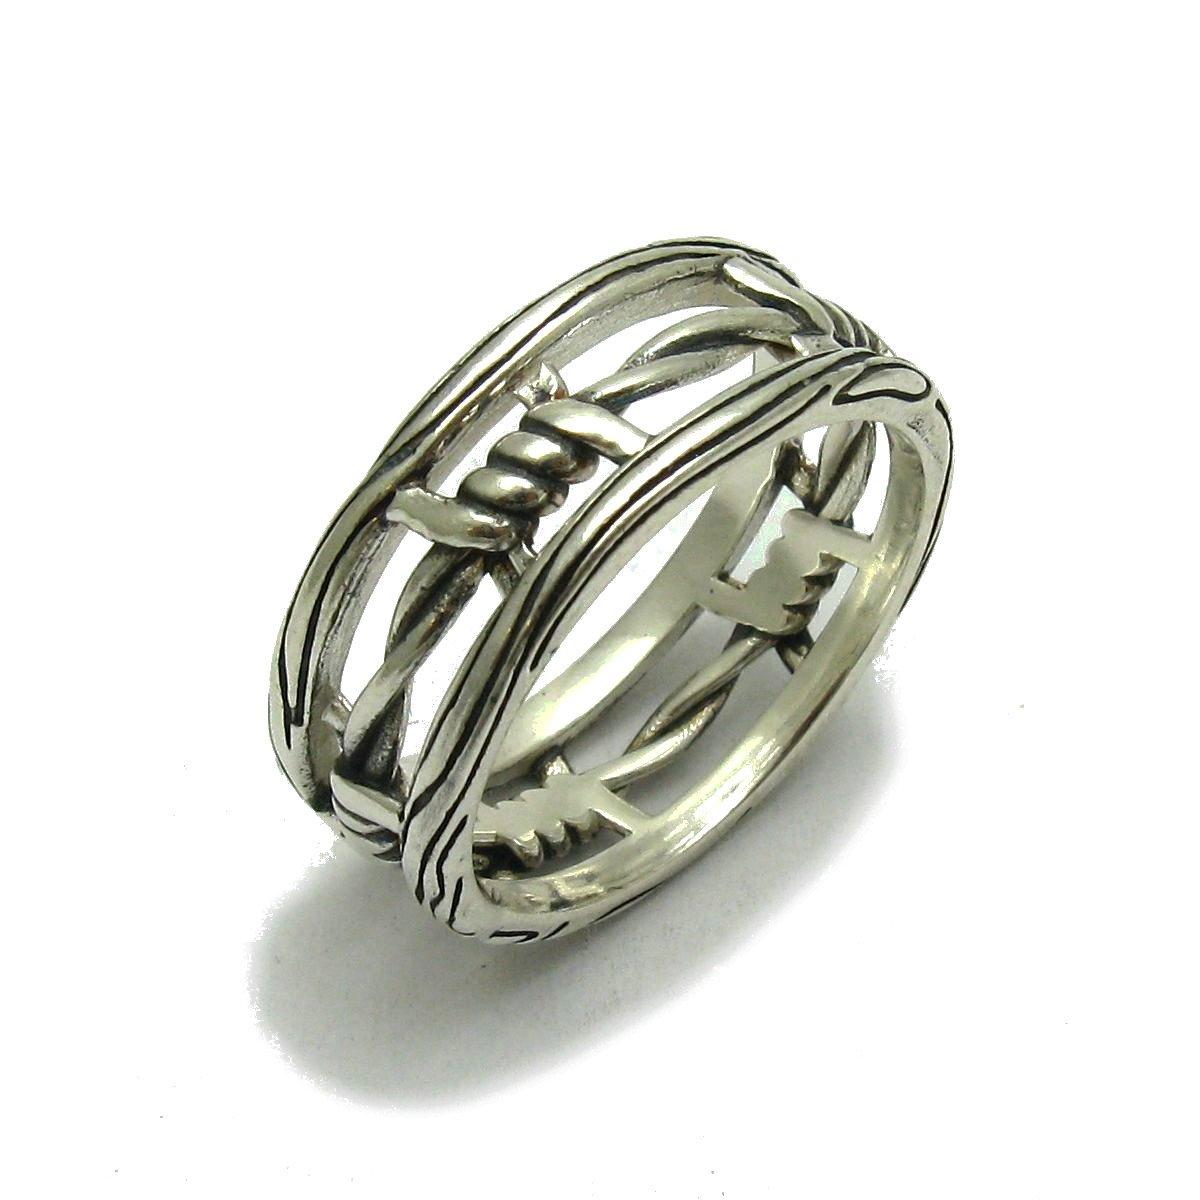 Anello fascia in Argento 925 Filo spinato R001736